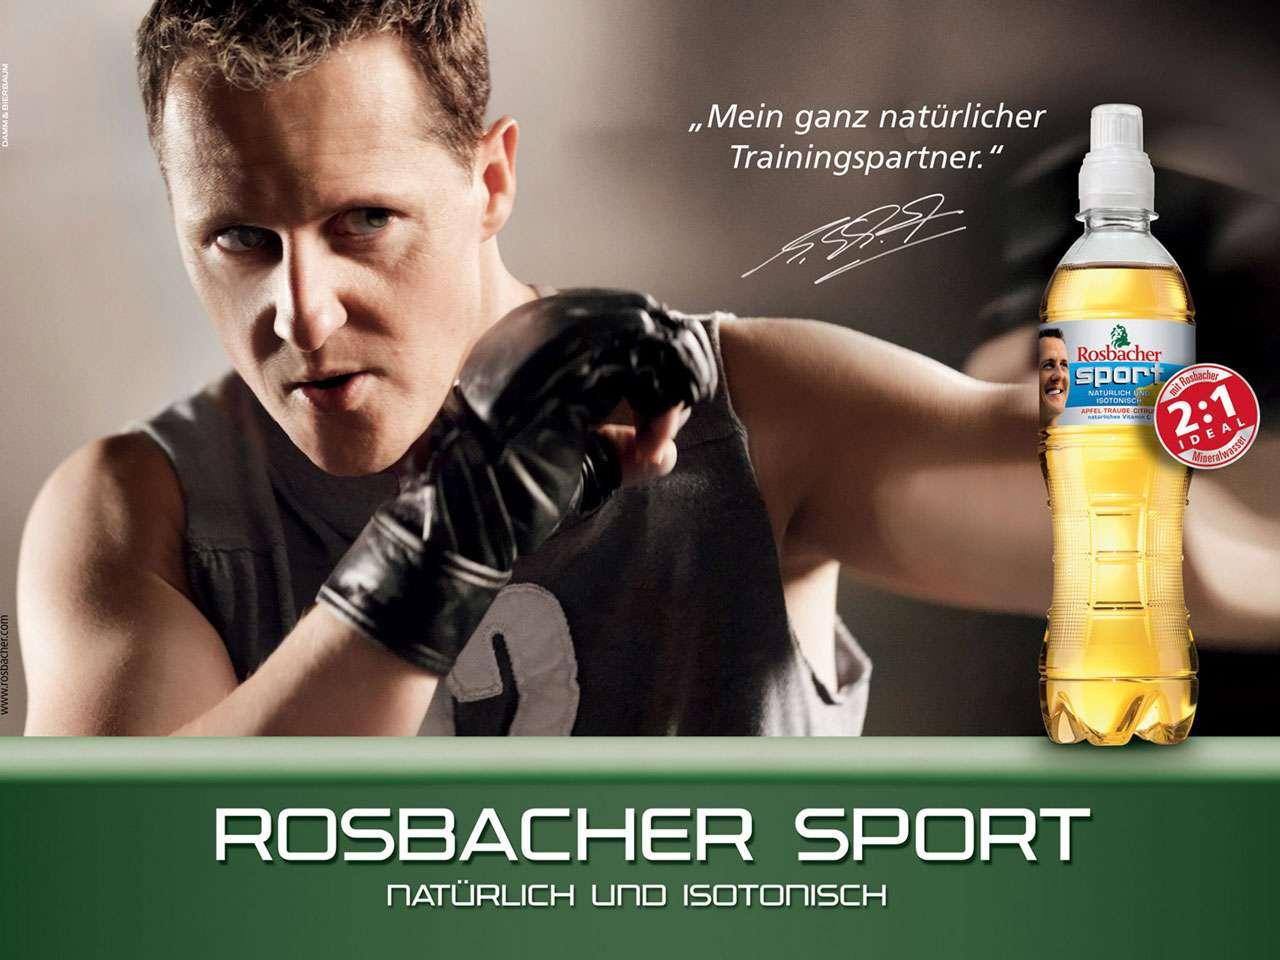 """Michael Schumacher: """"Mein ganz natürlicher Trainingspartner."""" Rosbacher Sport. Natürlich Und Isotonisch."""